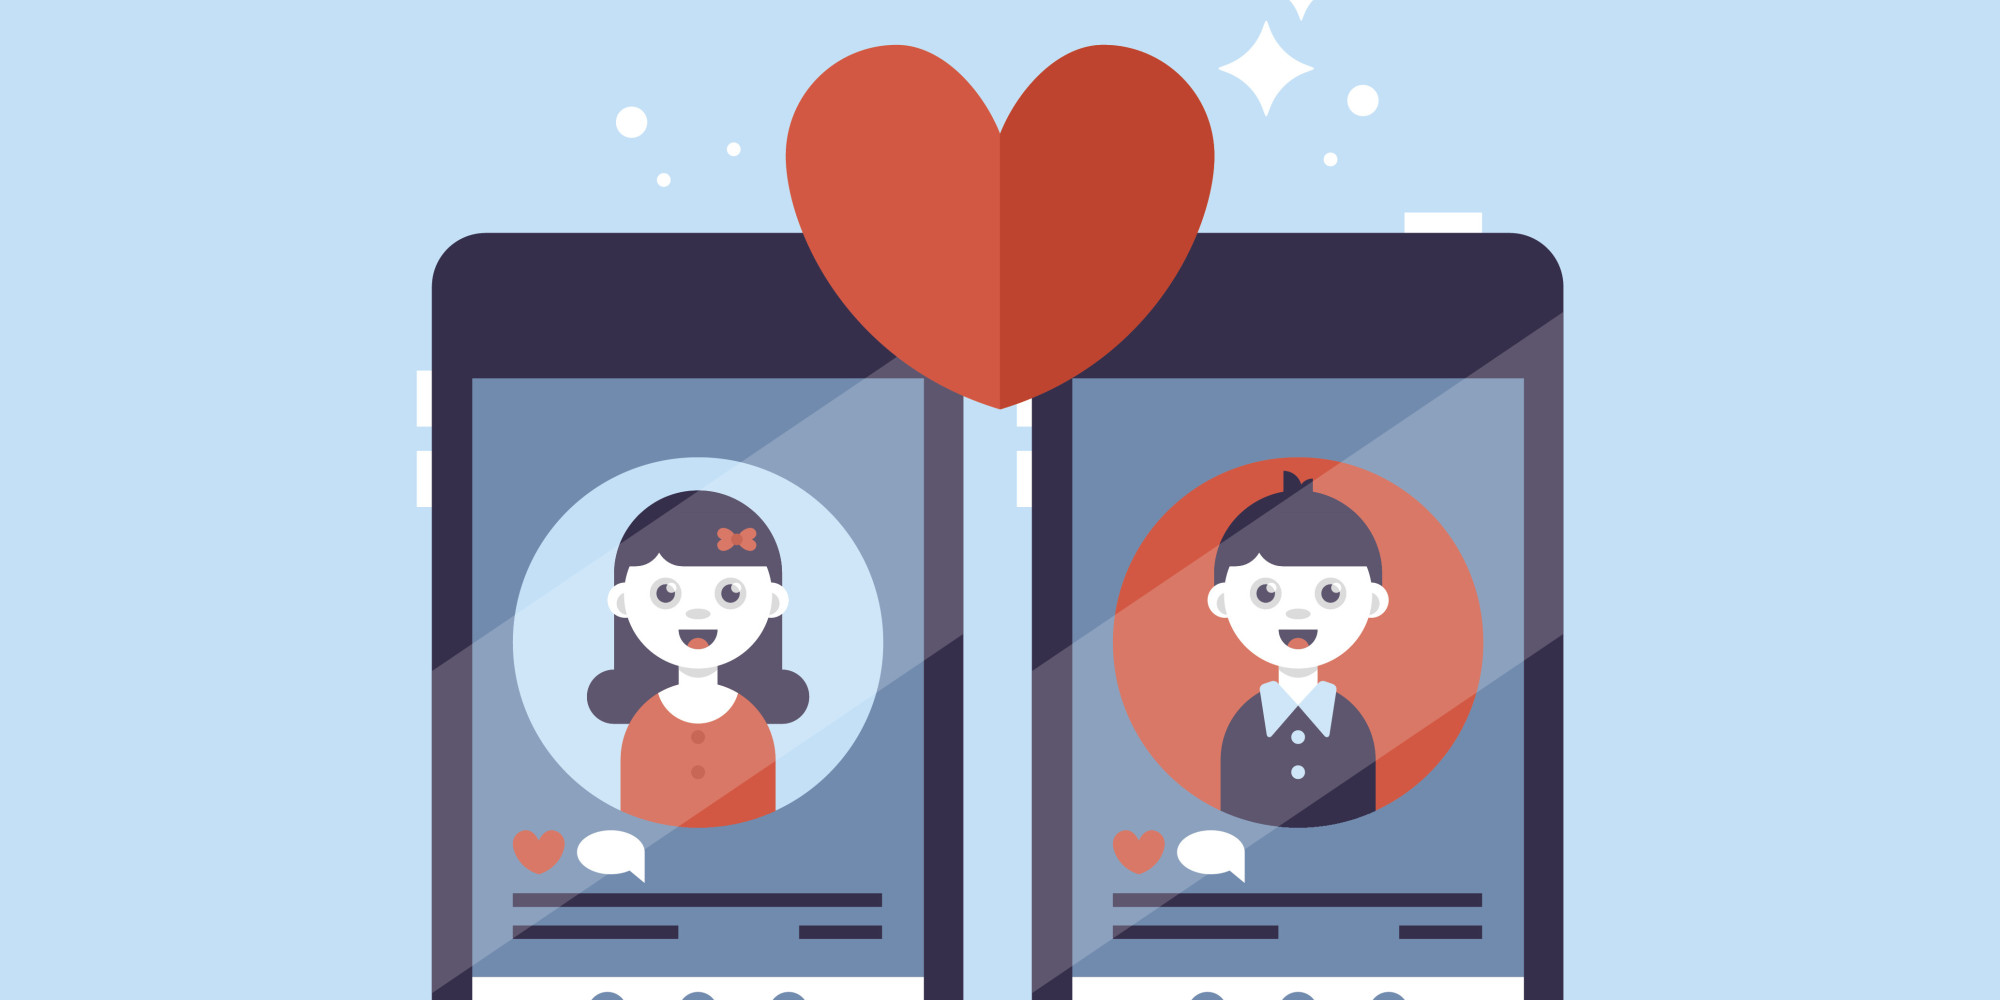 έκθεση για dating σε απευθείας σύνδεση